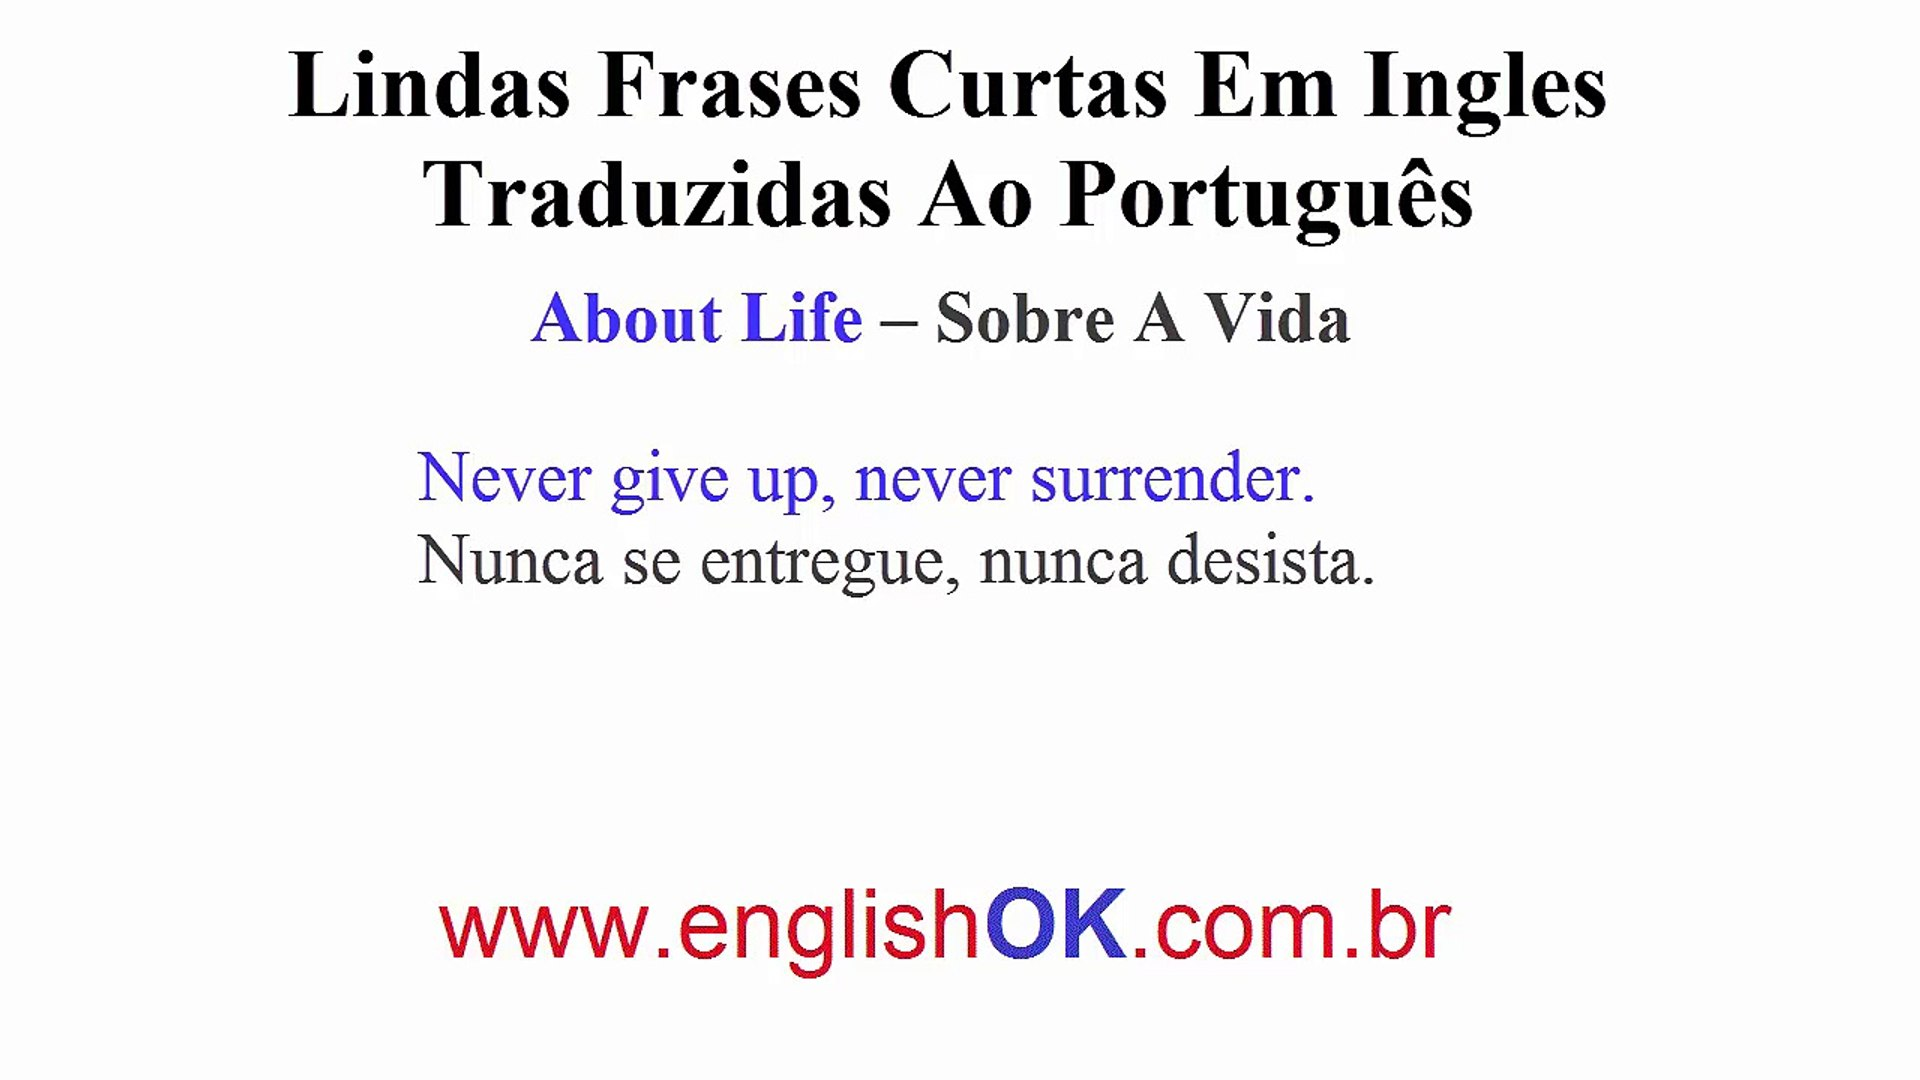 Lindas Frases Curtas Pronunciadas Em Inglês